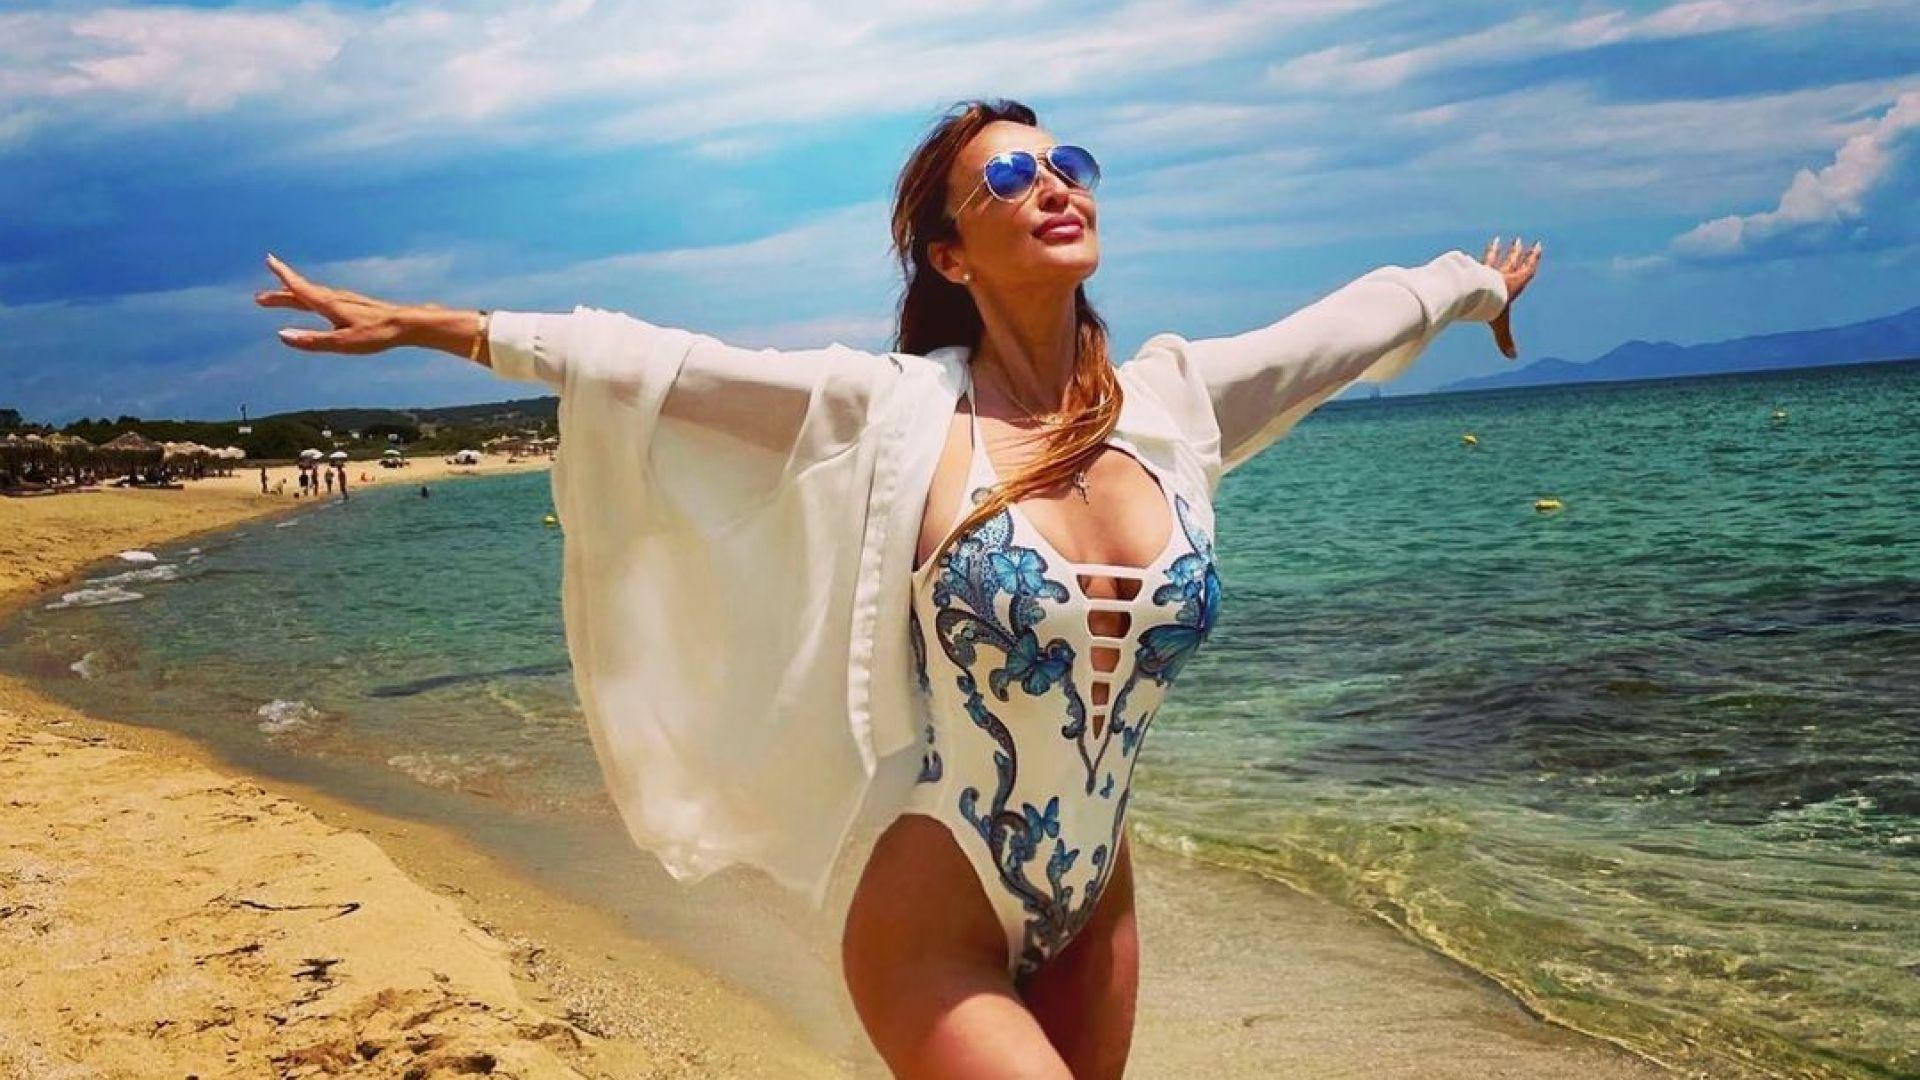 Баба ли? Глория показа младежка фигура по бански на лазурен гръцки плаж